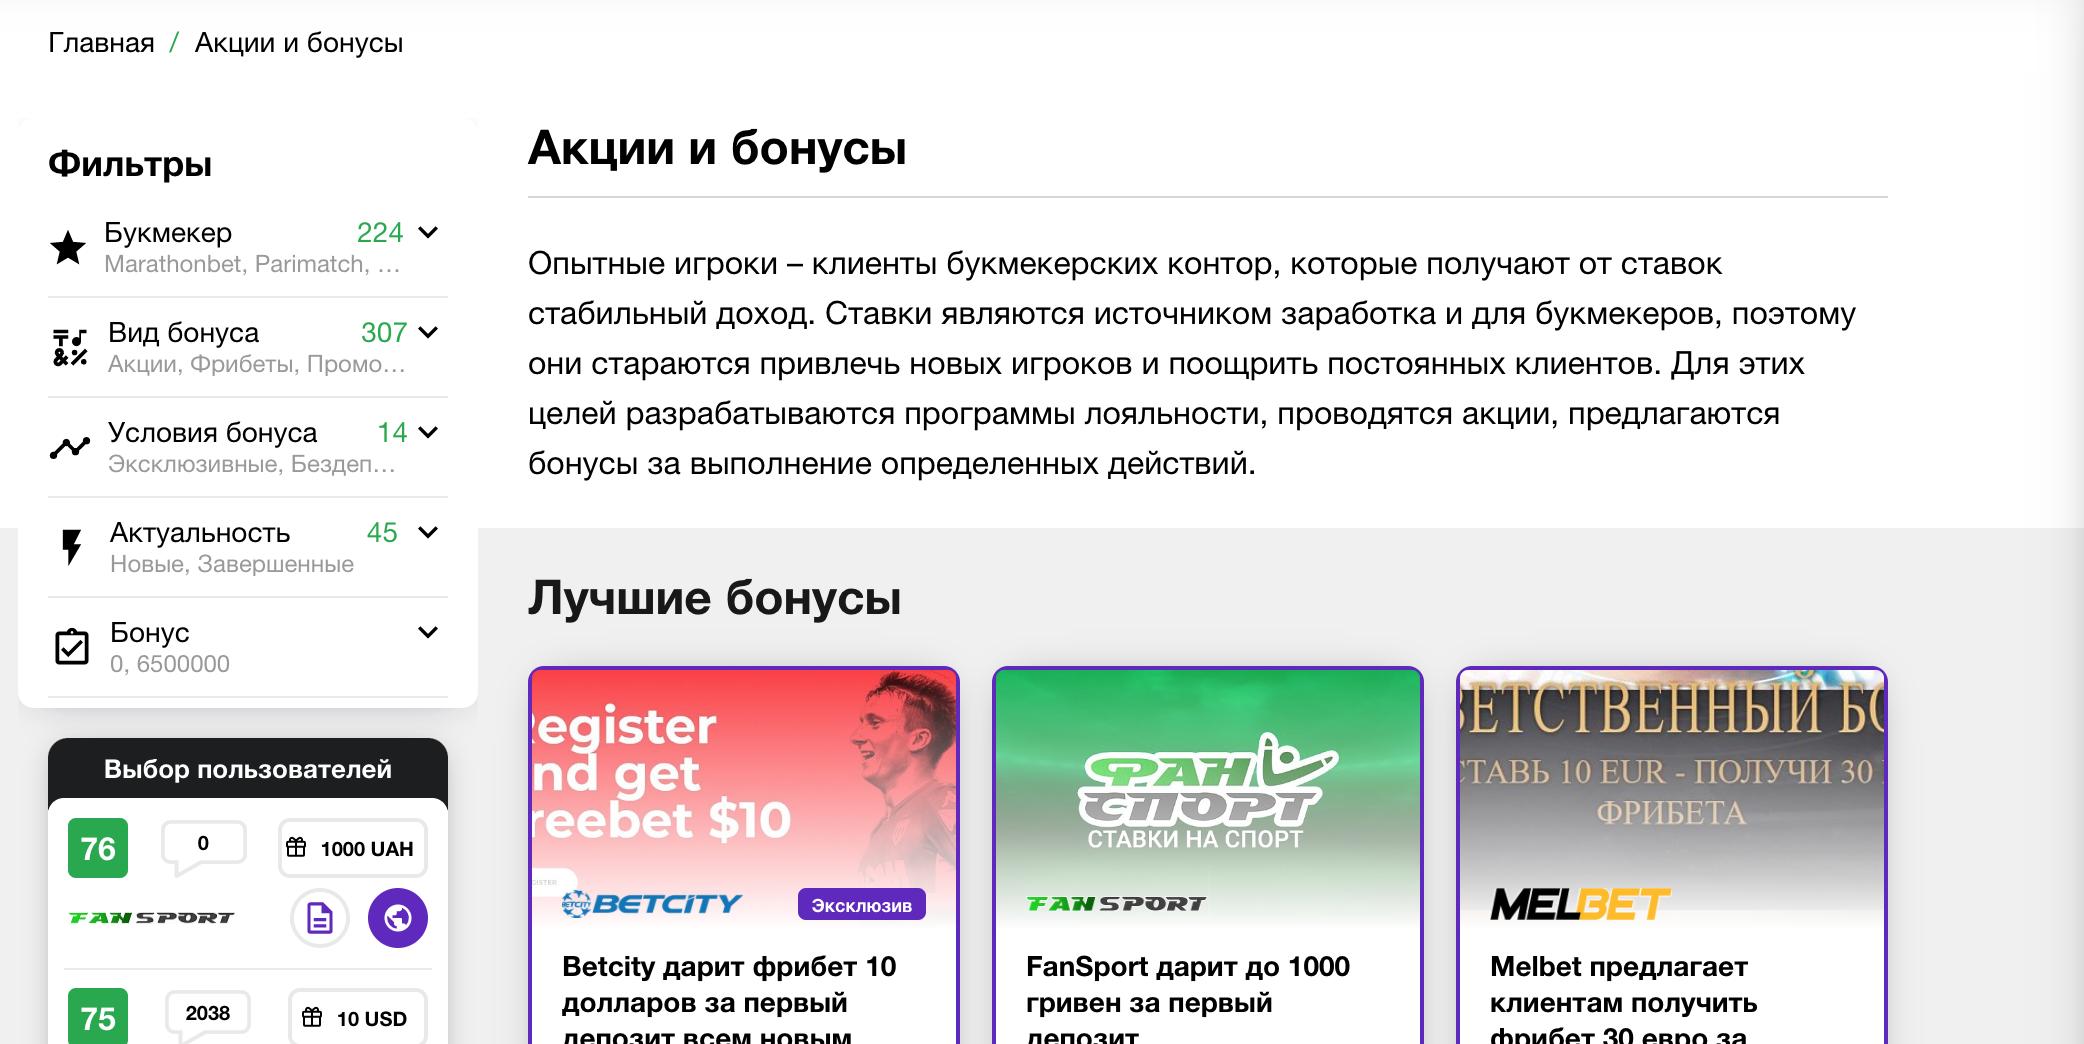 Акции и бонусы на meta-ratings.ru